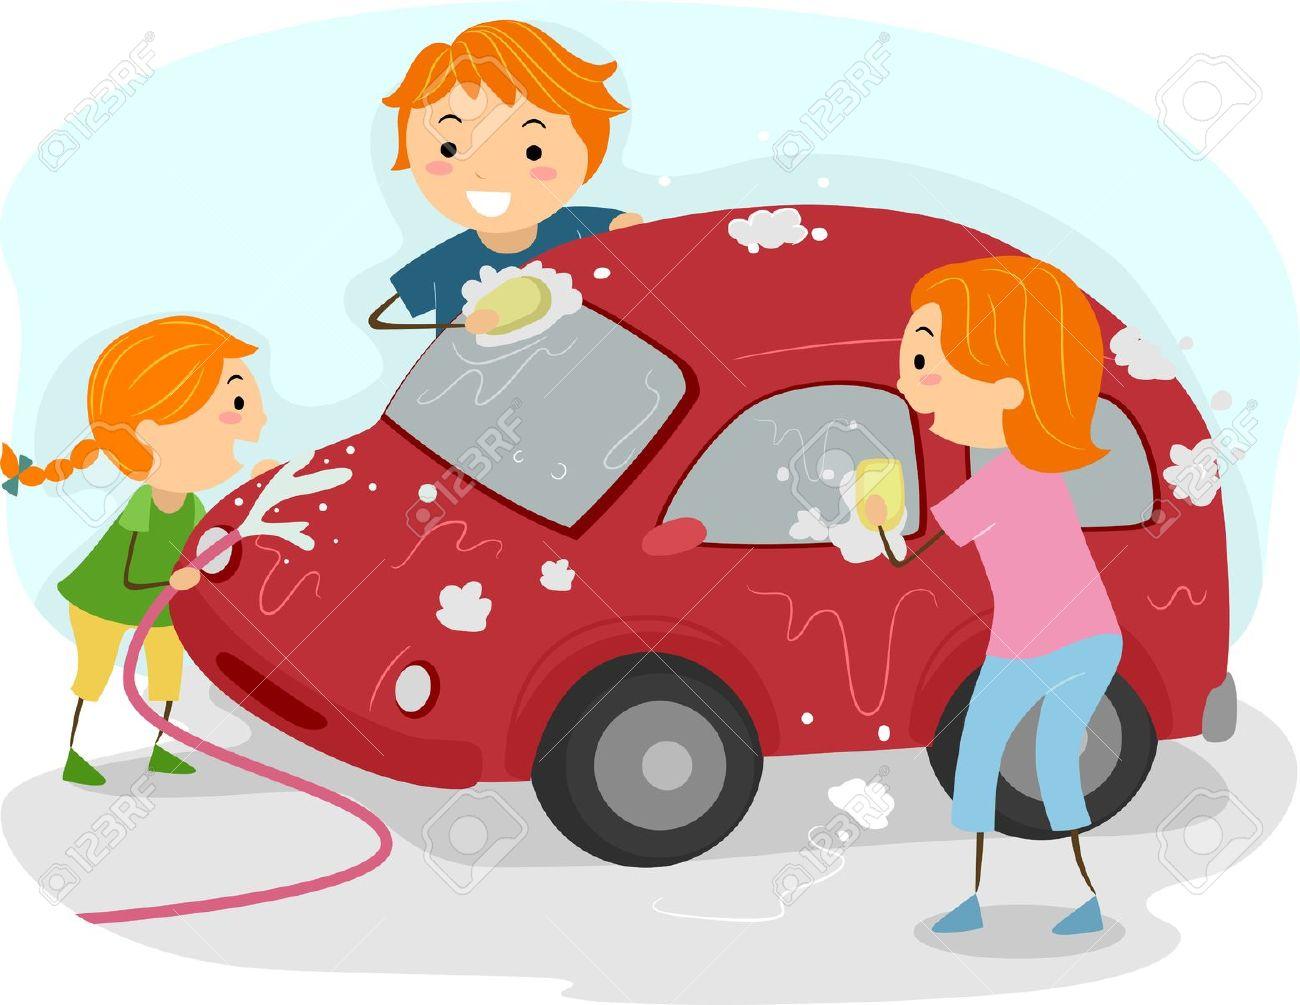 Boy washing car clipart - ClipartFox clip stock